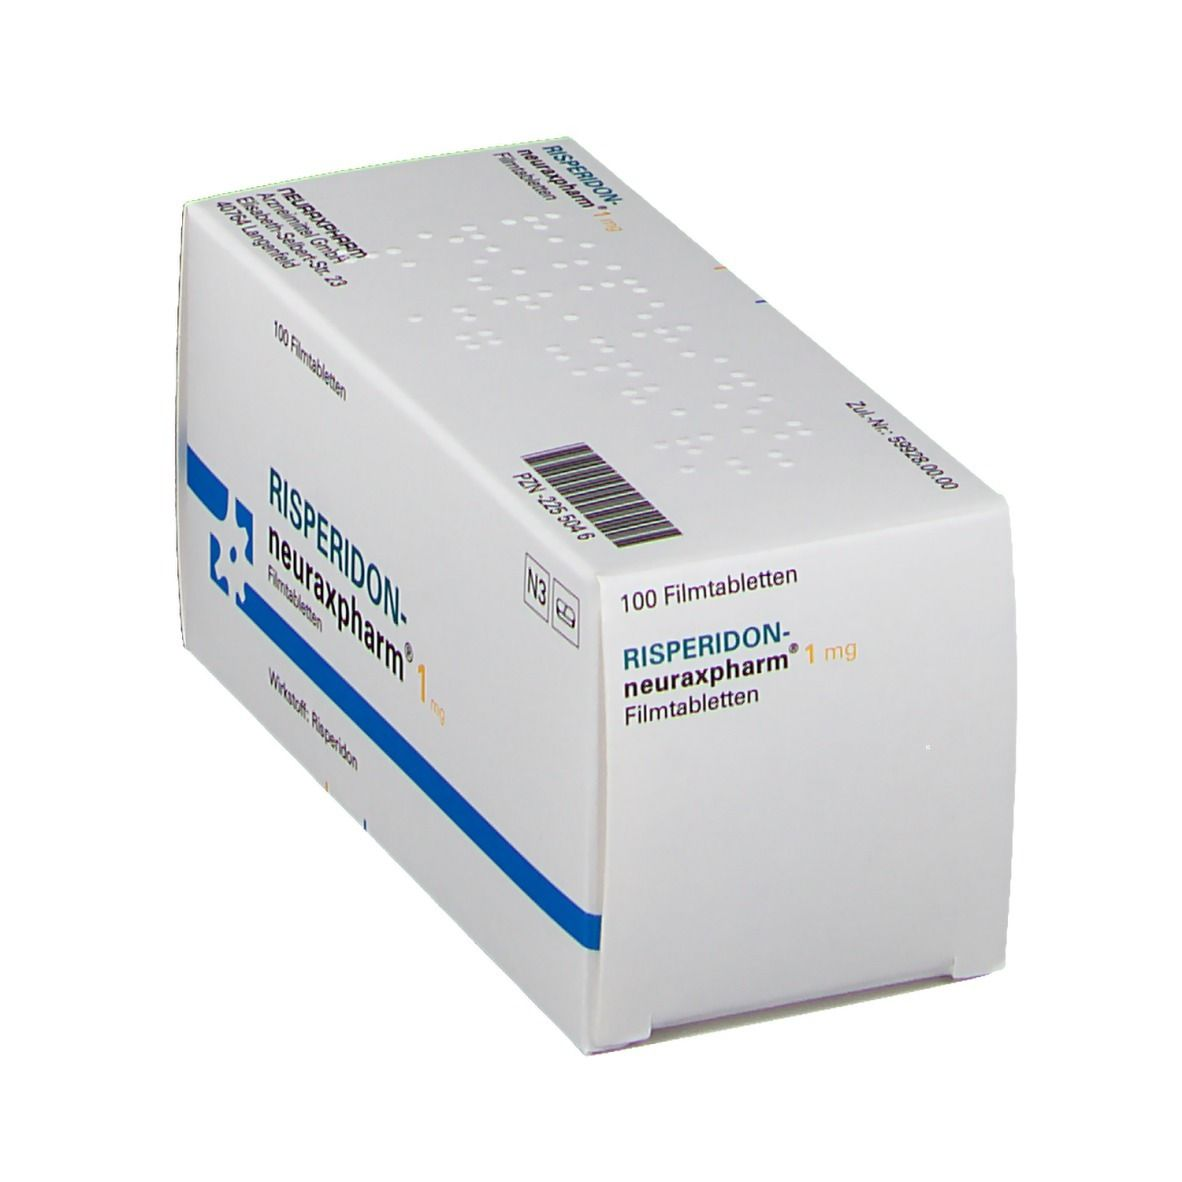 RISPERIDON neuraxpharm 1 mg Filmtabletten